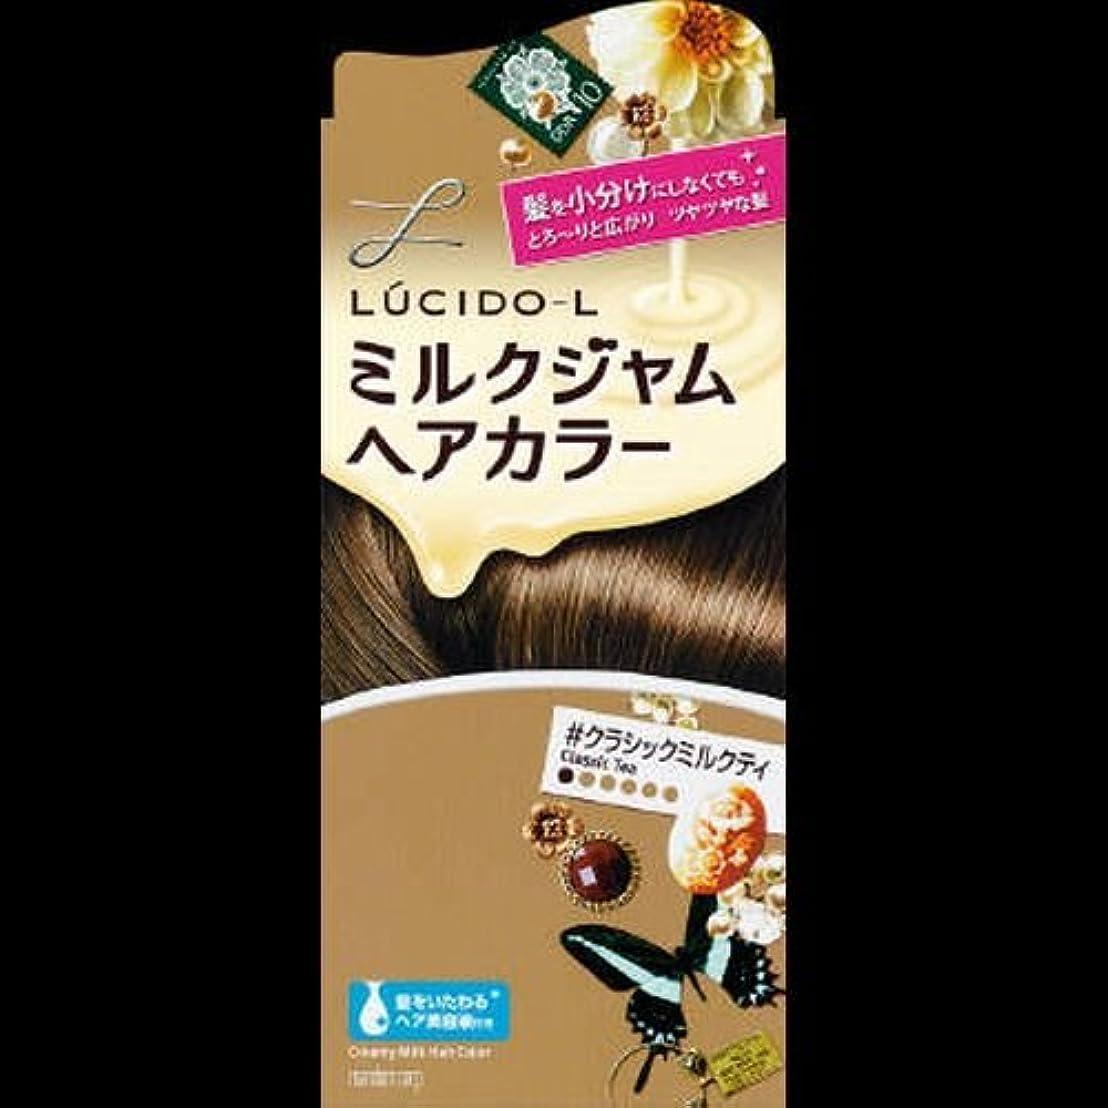 火炎練習した広範囲【まとめ買い】ルシードエル ミルクジャムヘアカラー クラシックミルクティ ×2セット